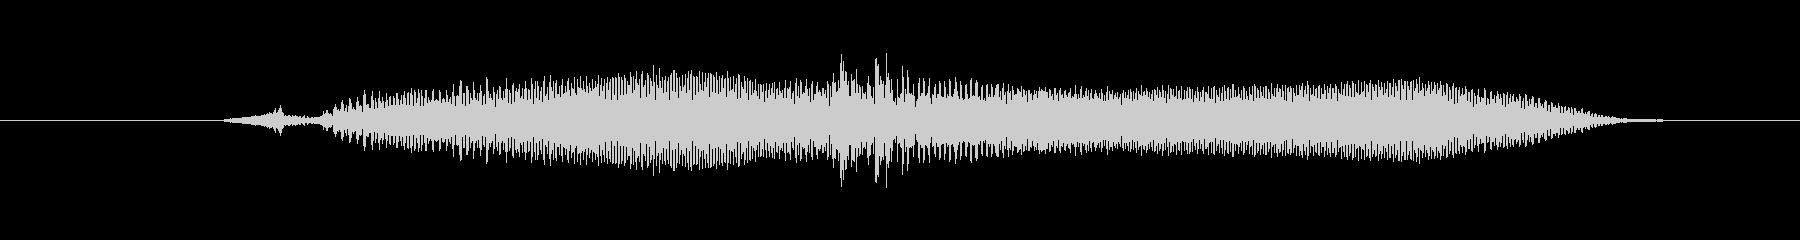 鳴き声 リトルガールWww 01の未再生の波形